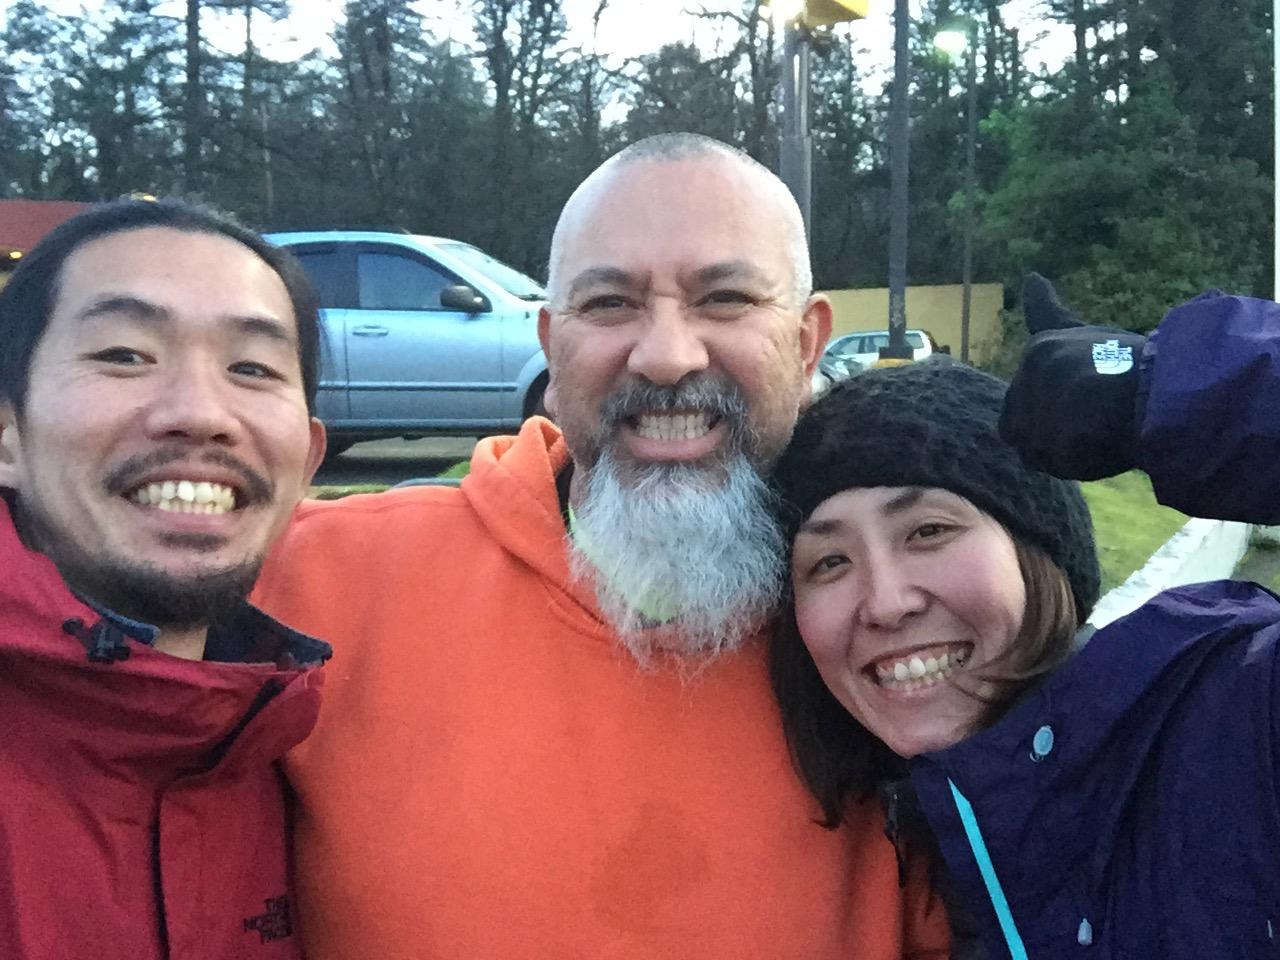 ヒッチハイク,旅,アメリカ,世界一周,夫婦,ブログ,感謝,ありがとう,chico,sacrament